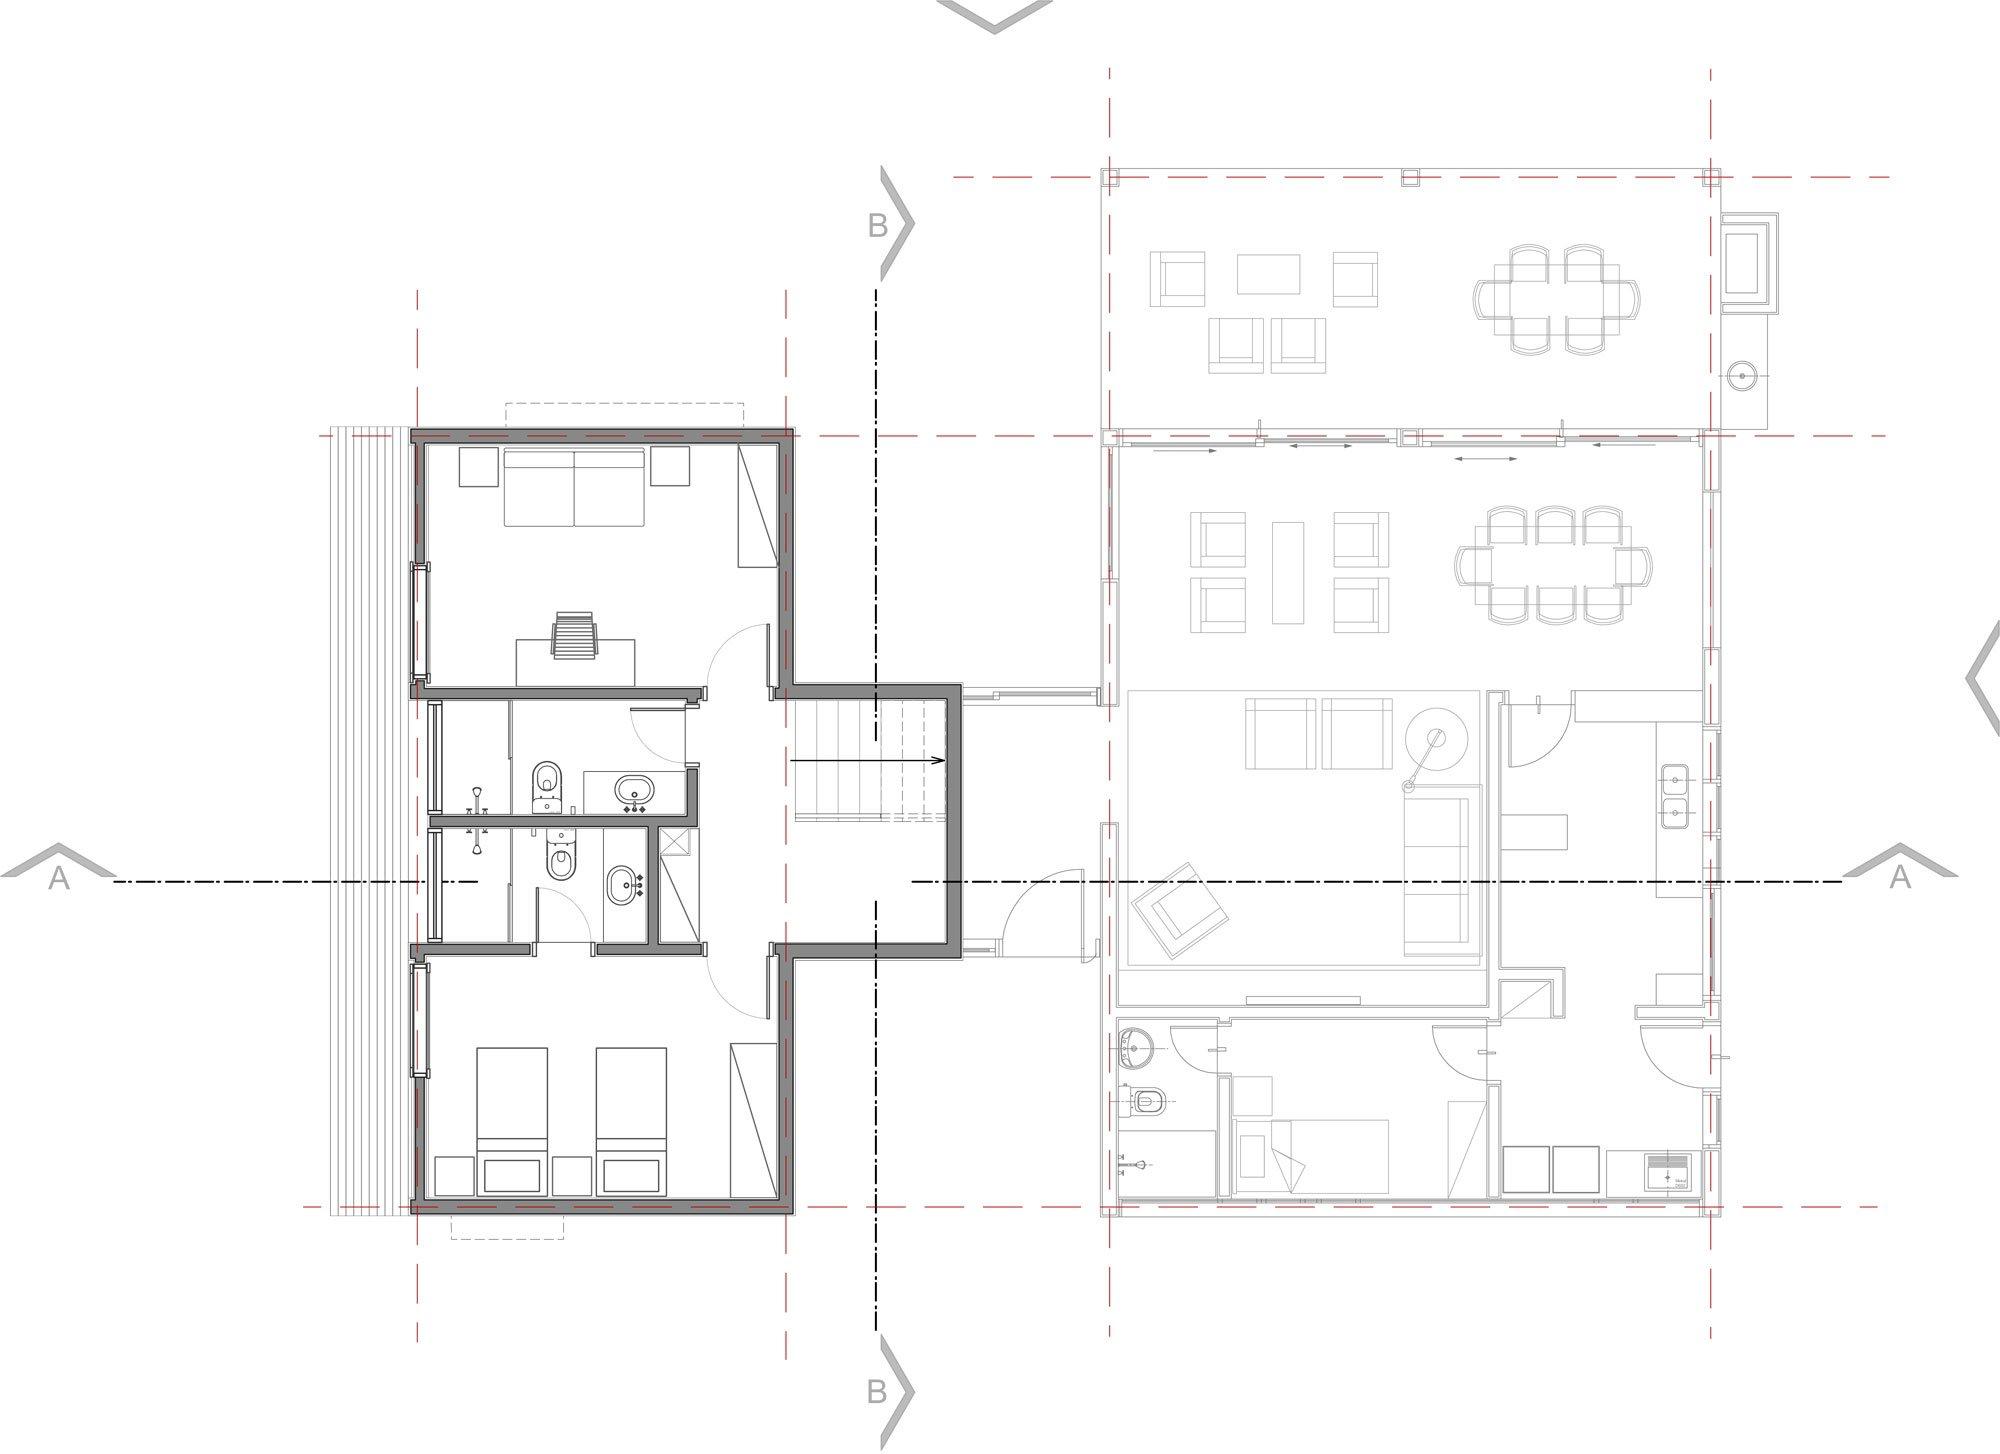 Plano segundo piso de casa moderna de campo